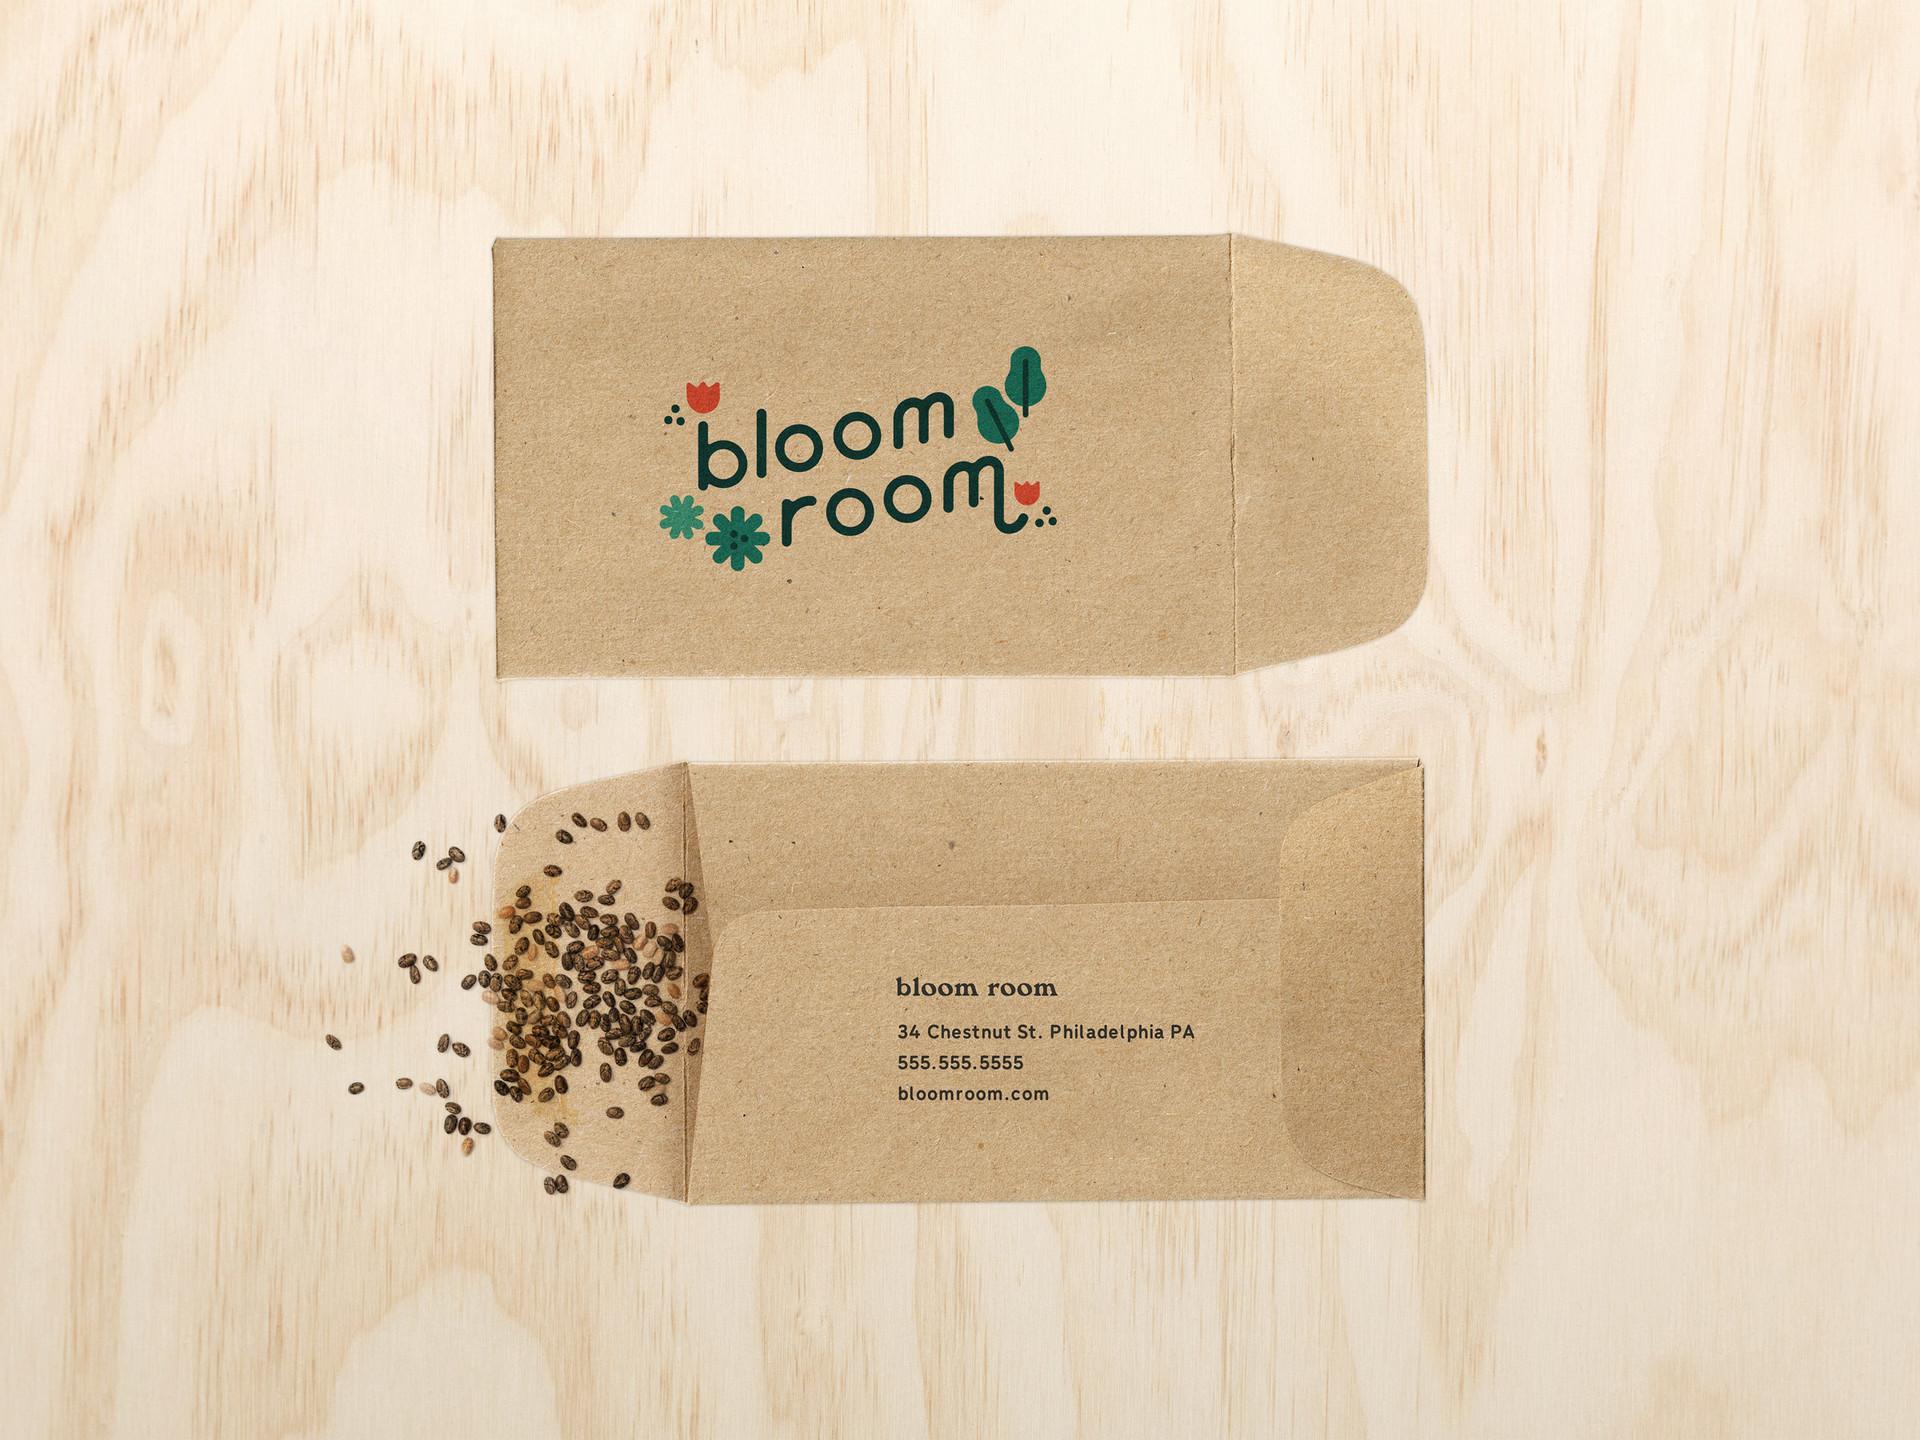 businesscards_open.jpg